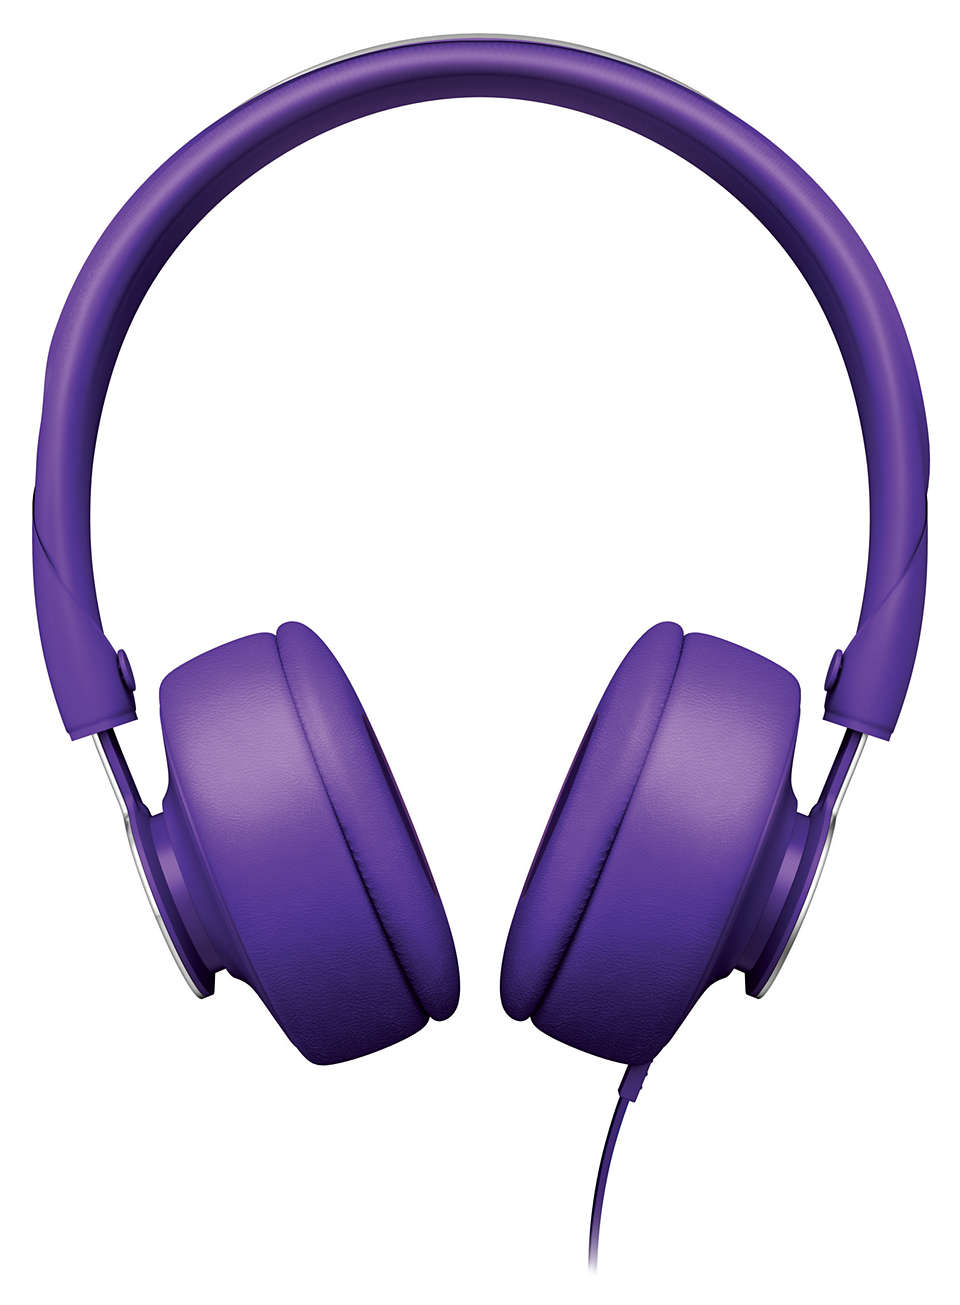 Klarer, natürlicher Soundgenuss